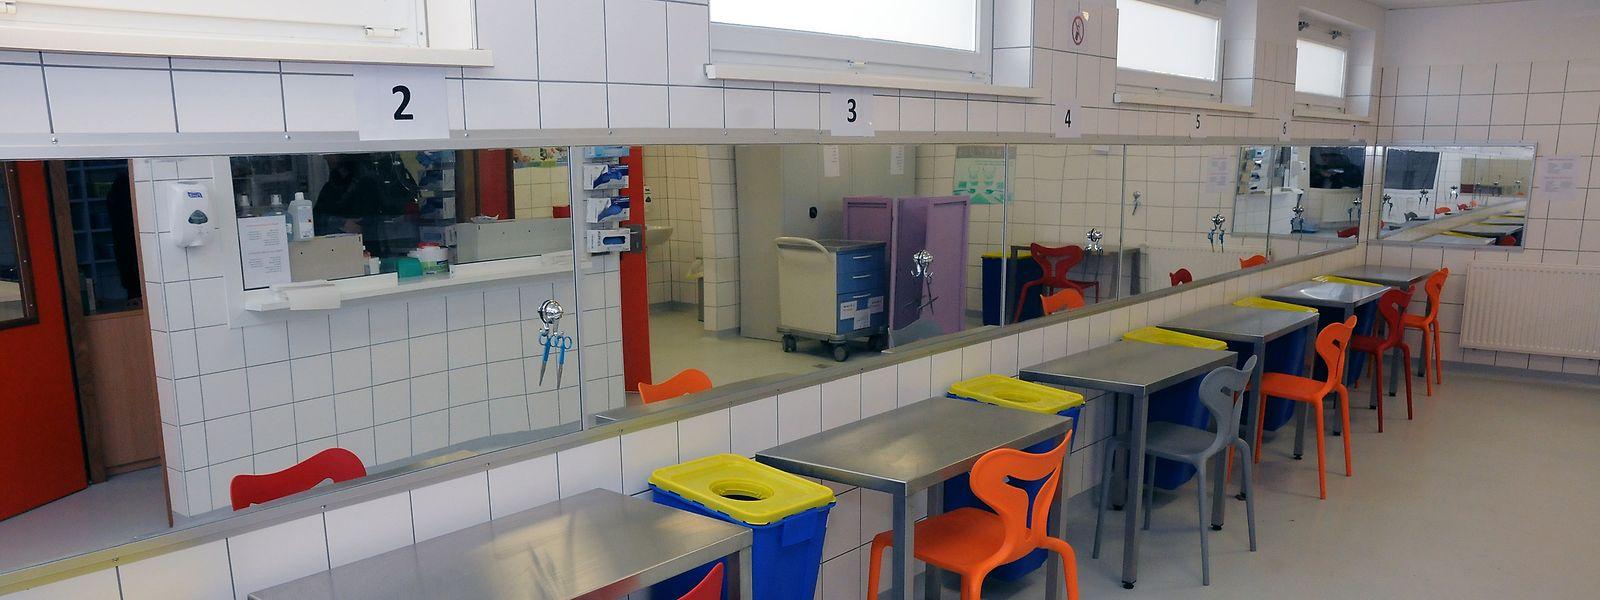 In Drogenkonsumräumen wird den Kunden steriles Spritzbesteck zur Verfügung gestellt.